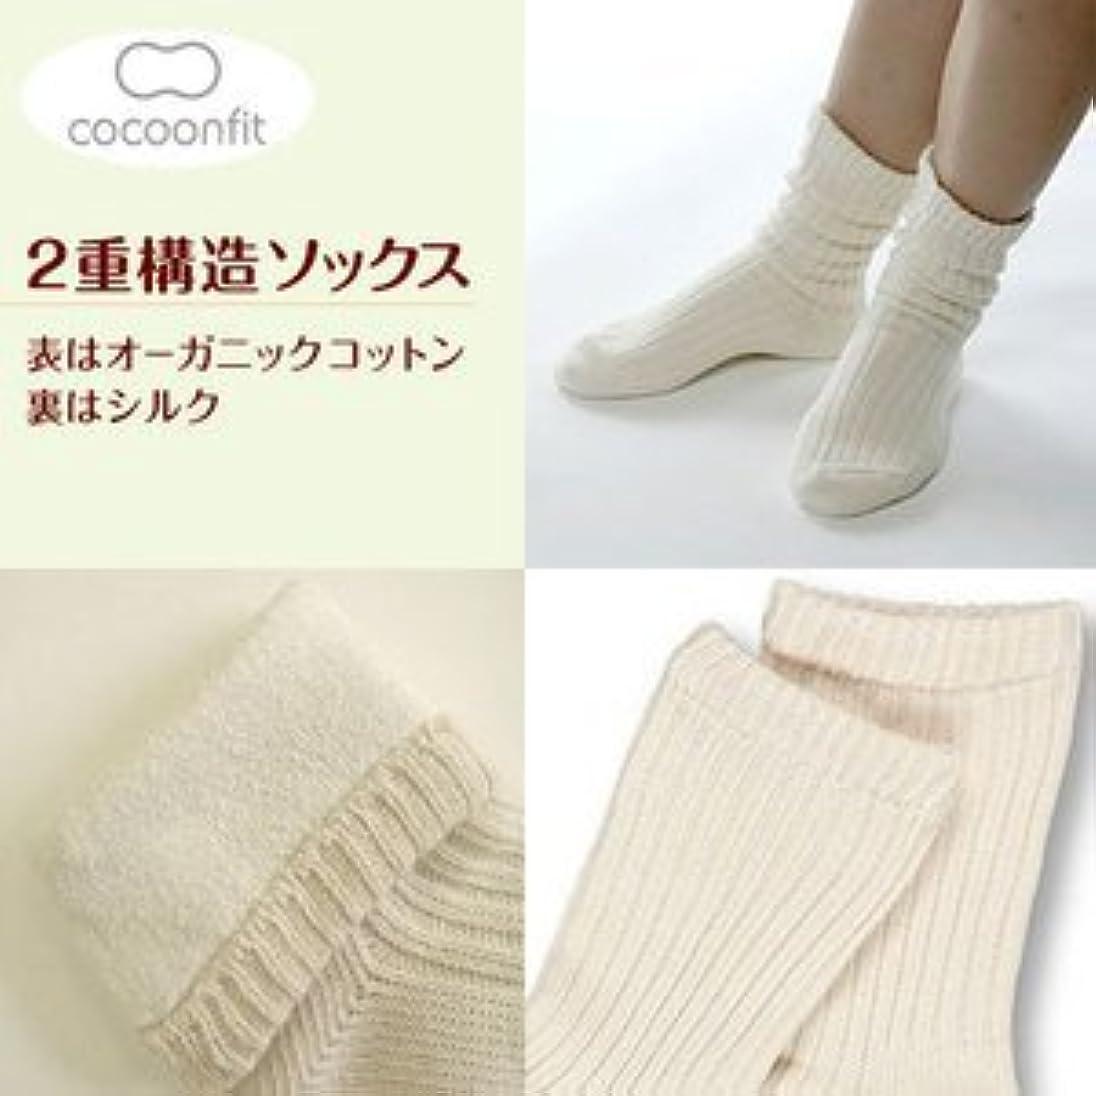 カビ追記喜びシルク 2重編みソックス (冷え取り靴下、冷えとり 靴下 シルク、重ね、二重)